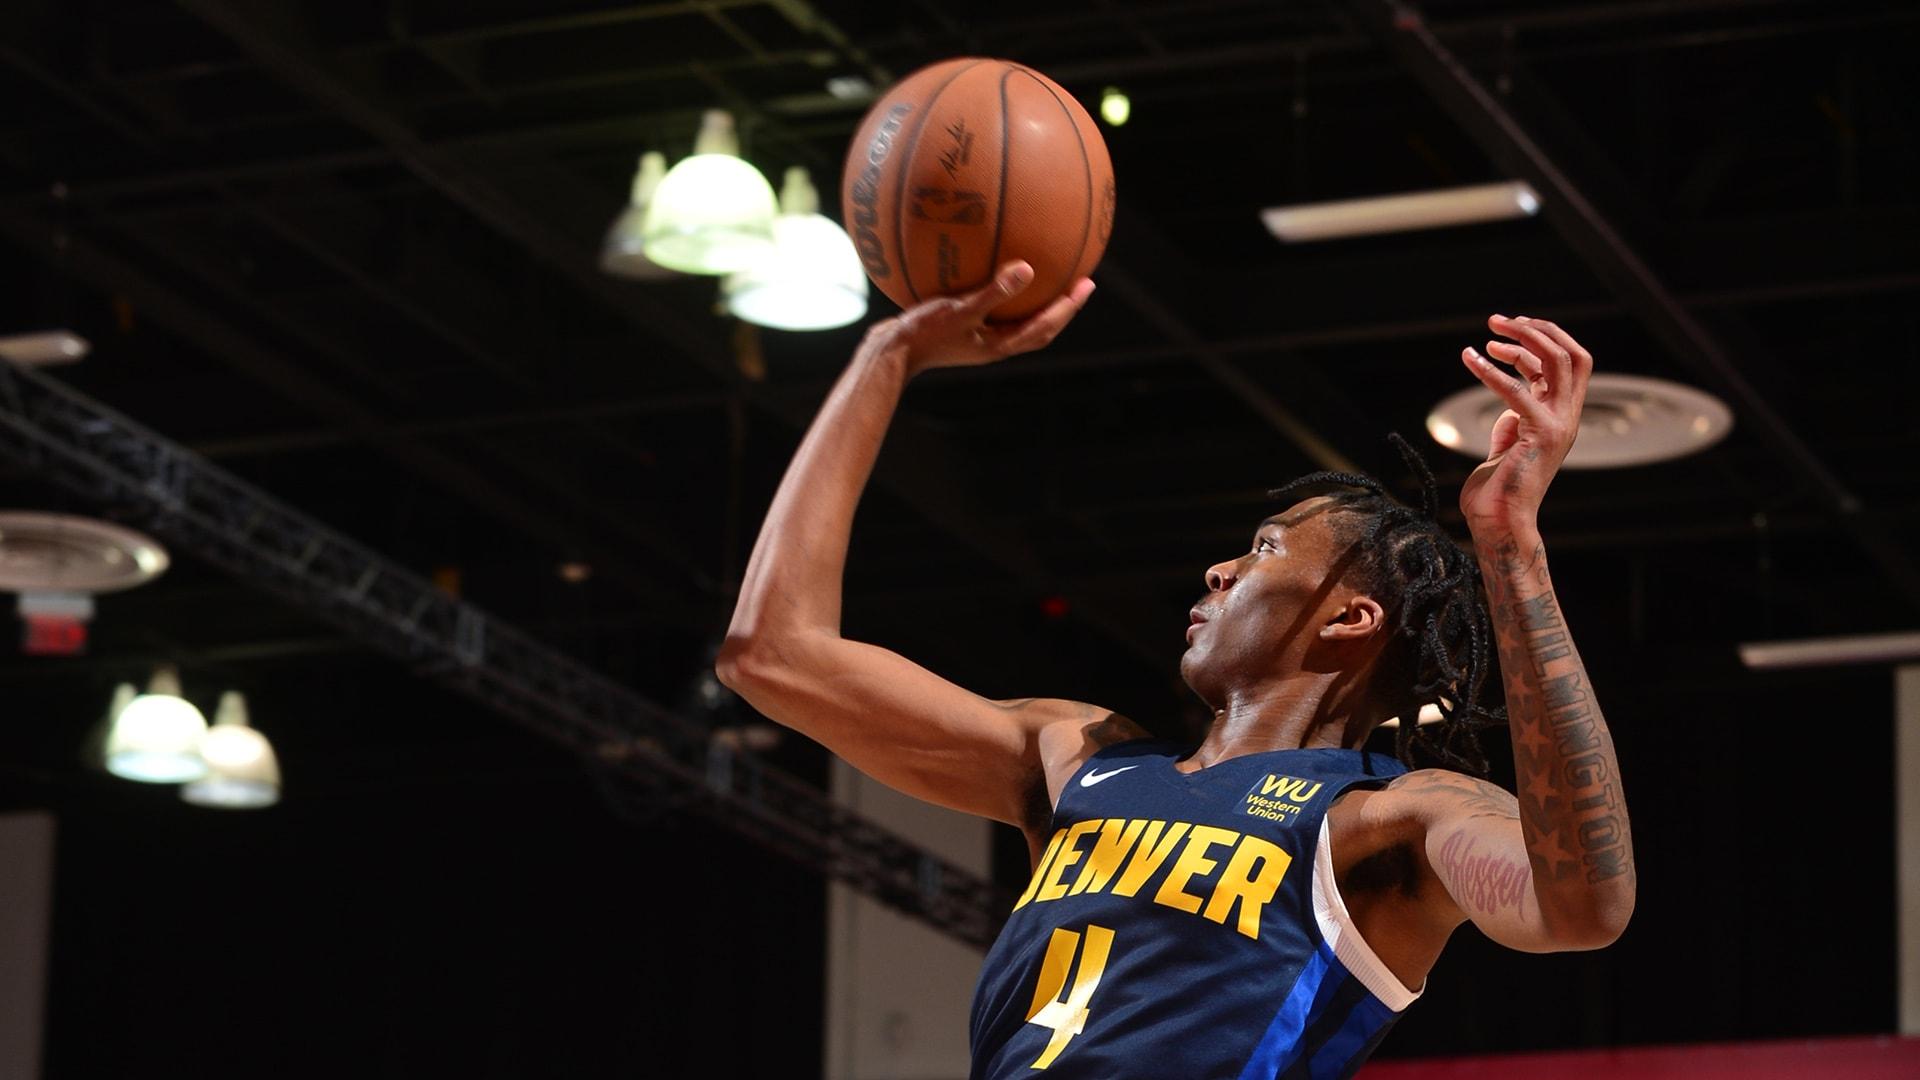 Las Vegas Summer League: Nah'Shon Hyland's 28 points fuel Nuggets overtime win against Mavs